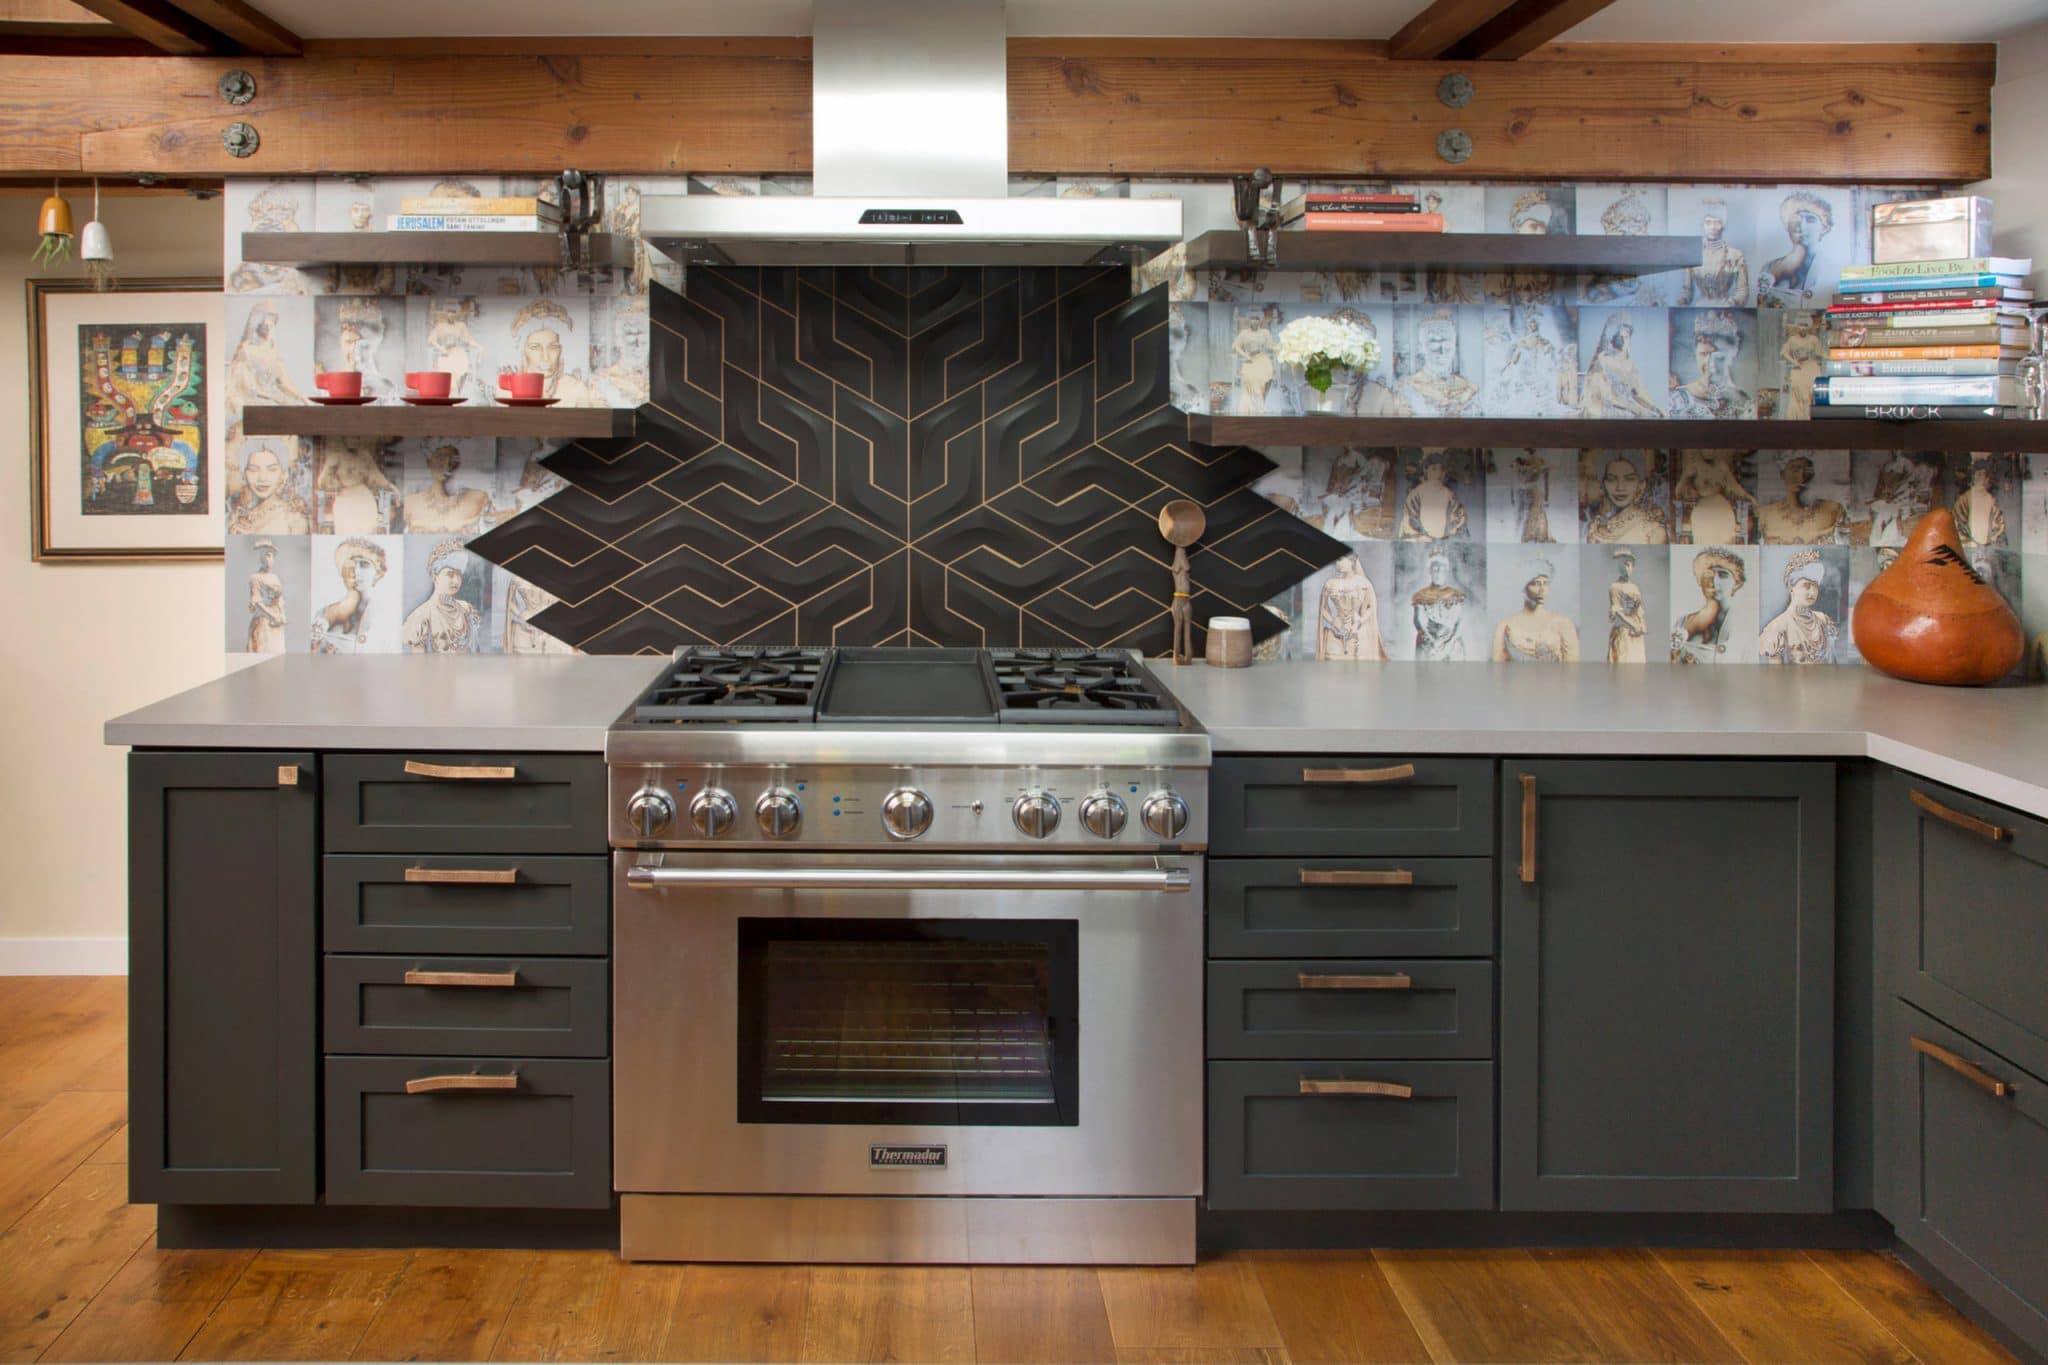 50 Best Kitchen Backsplash Ideas For 2019: Best Online Cabinets